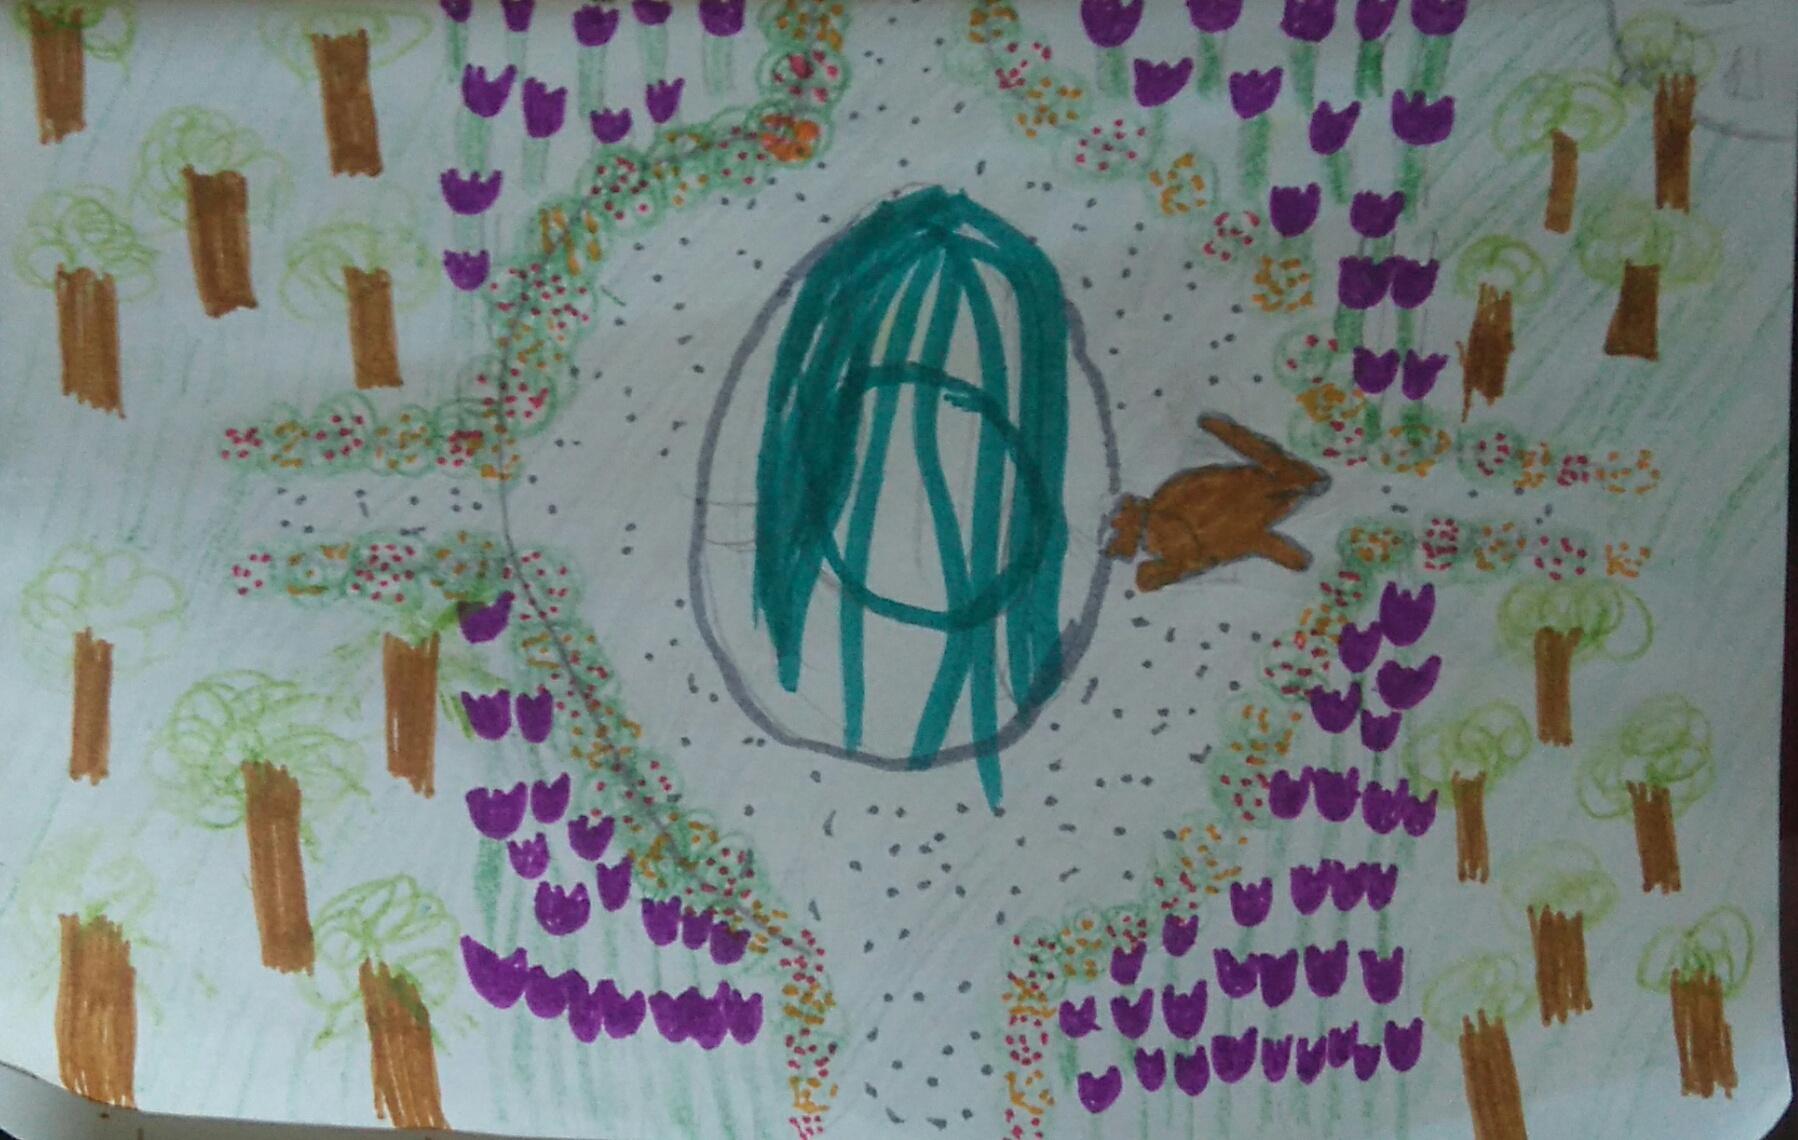 C dessine le jardin de Ste Thérèse avec le lapin